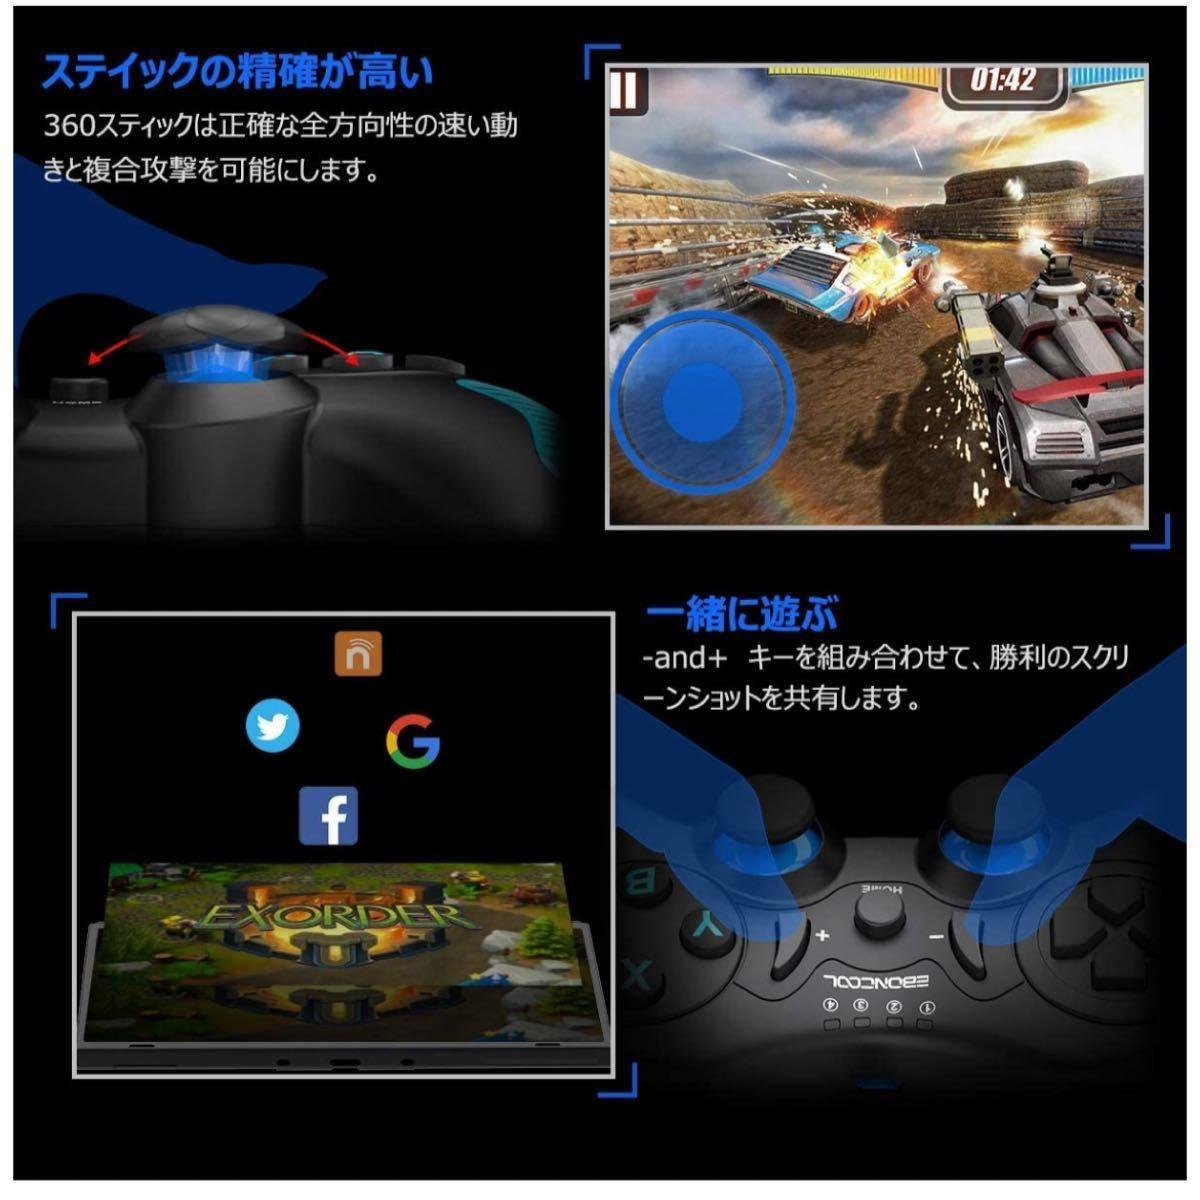 「2020最新版」Switch コントローラー BEBONCOOL 「ジャイロセンサー搭載Nintendoスイッチコントローラー